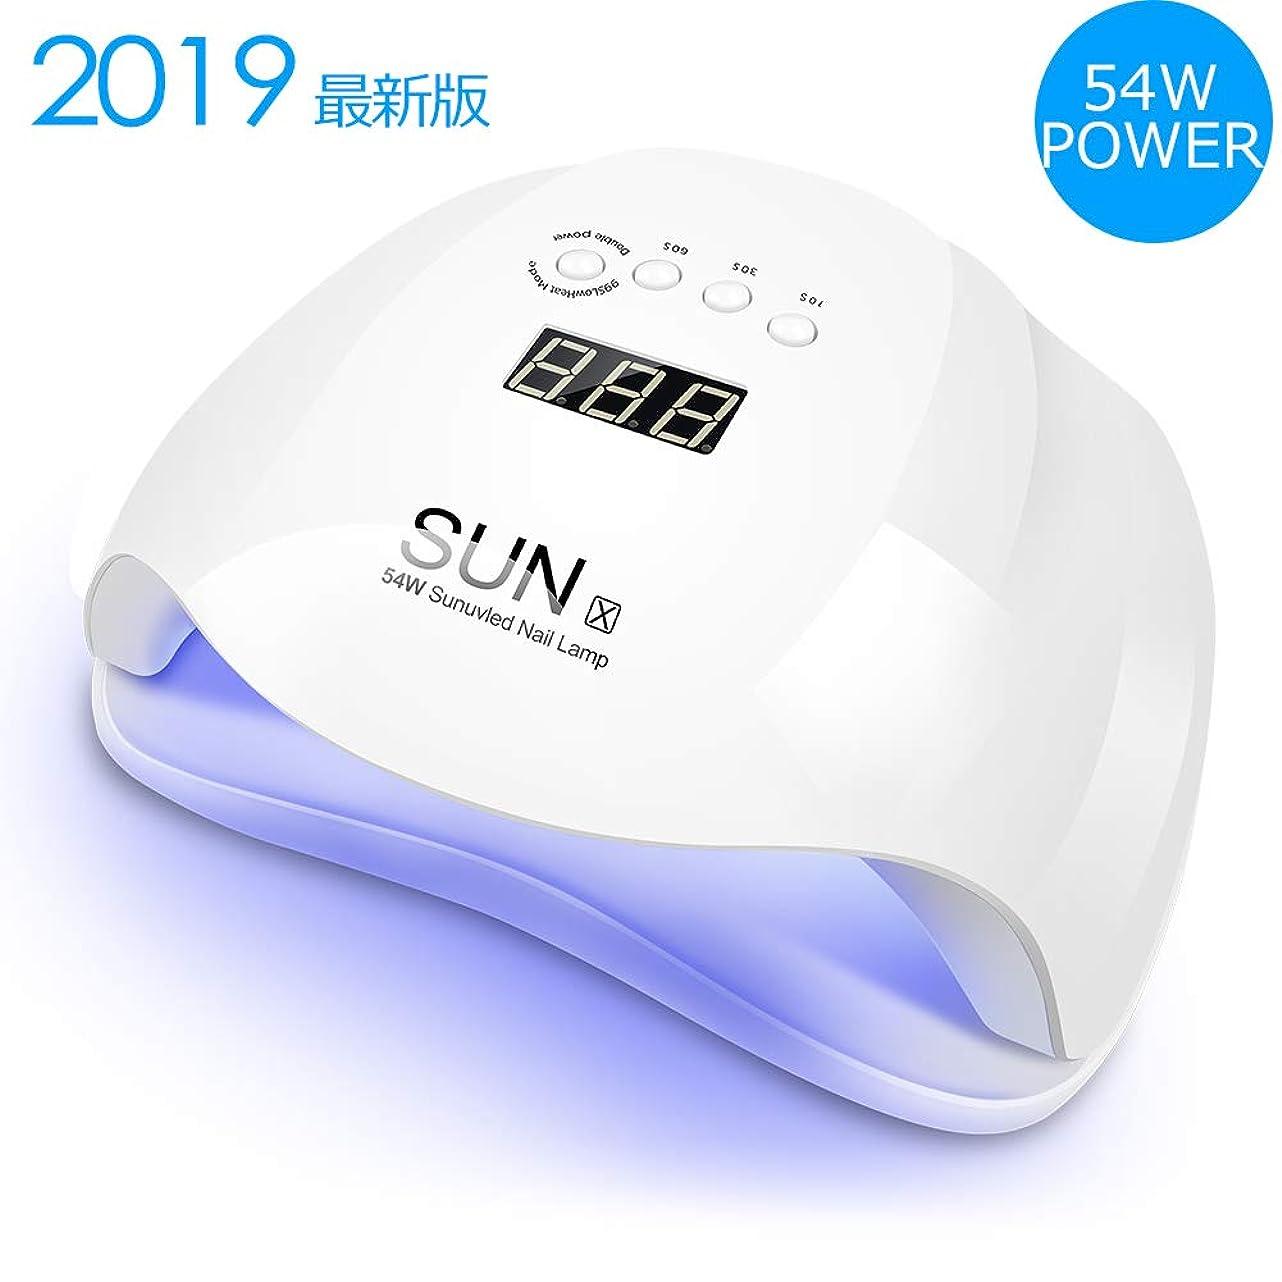 言い換えるとかけるラウンジUV LEDネイルドライヤー 54W ハイパワー 赤外線検知 UV &LEDダブルライト ジェルネイル用 四つタイマー設定可能 硬化用 ライト ランプ 日本語説明書付き (54W)